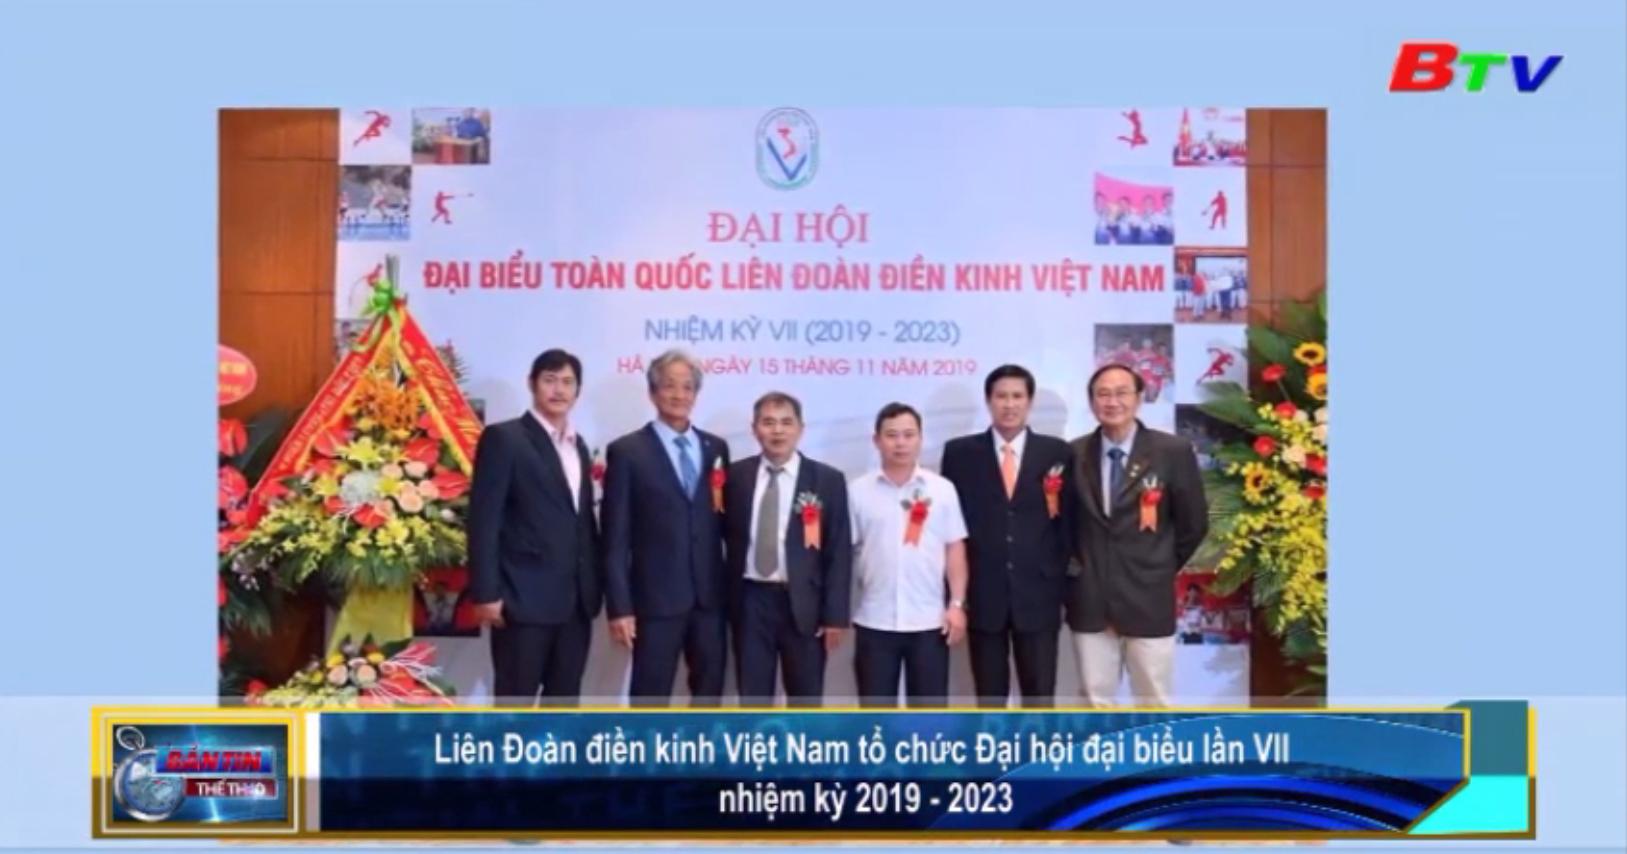 Liên đoàn điền kinh Việt Nam tổ chức Đại hội đại biểu lần VII nhiệm kỳ 2019-2023